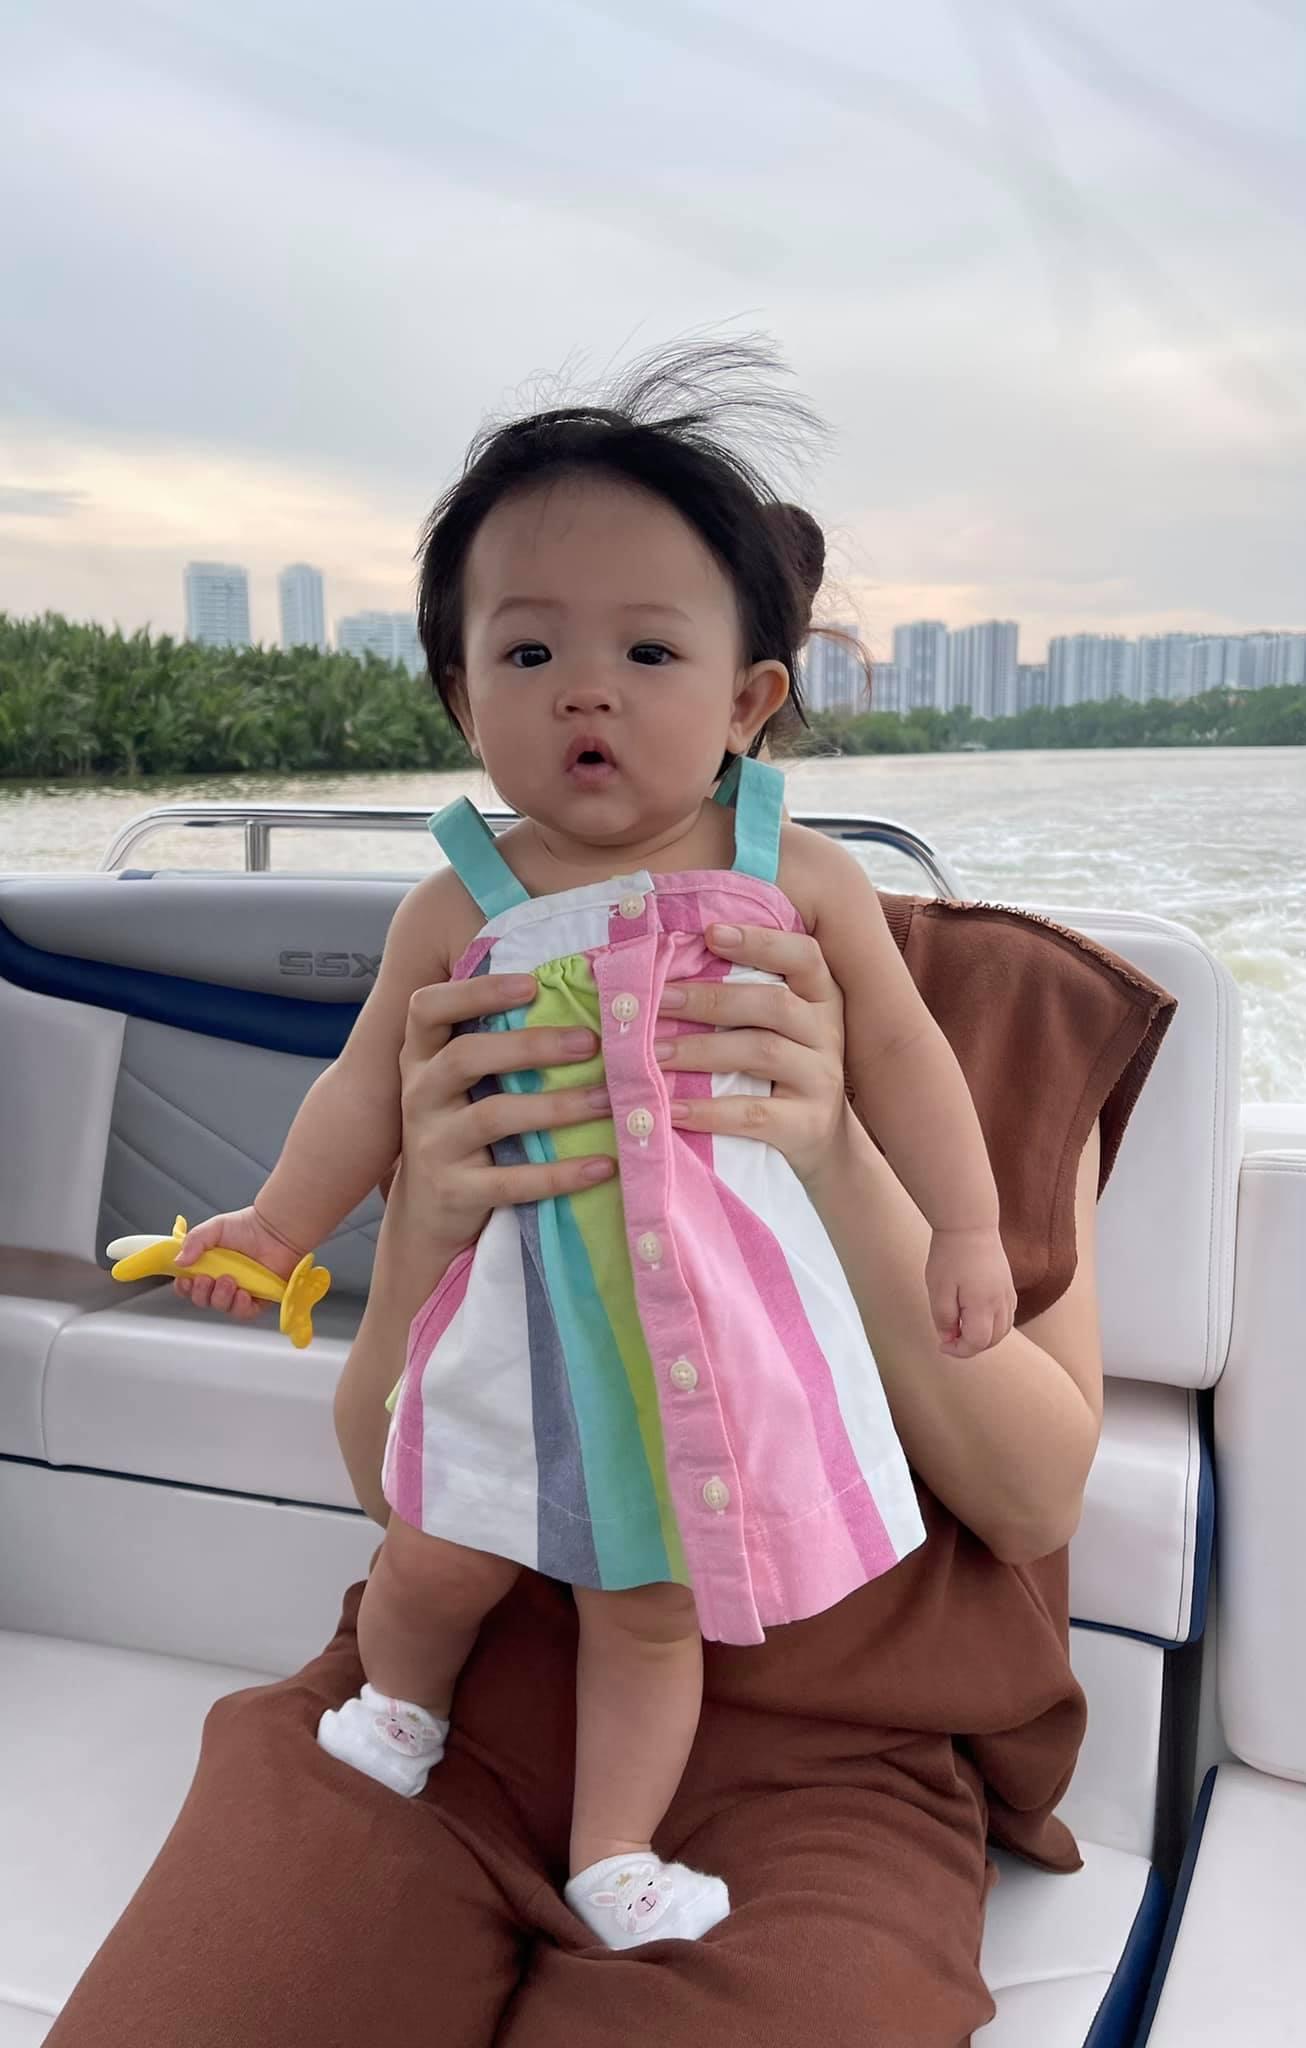 """Cường Đô La khoe ảnh nghỉ lễ sang chảnh của ái nữ, đi chơi bằng du thuyền cực """"chill"""" - Ảnh 4"""